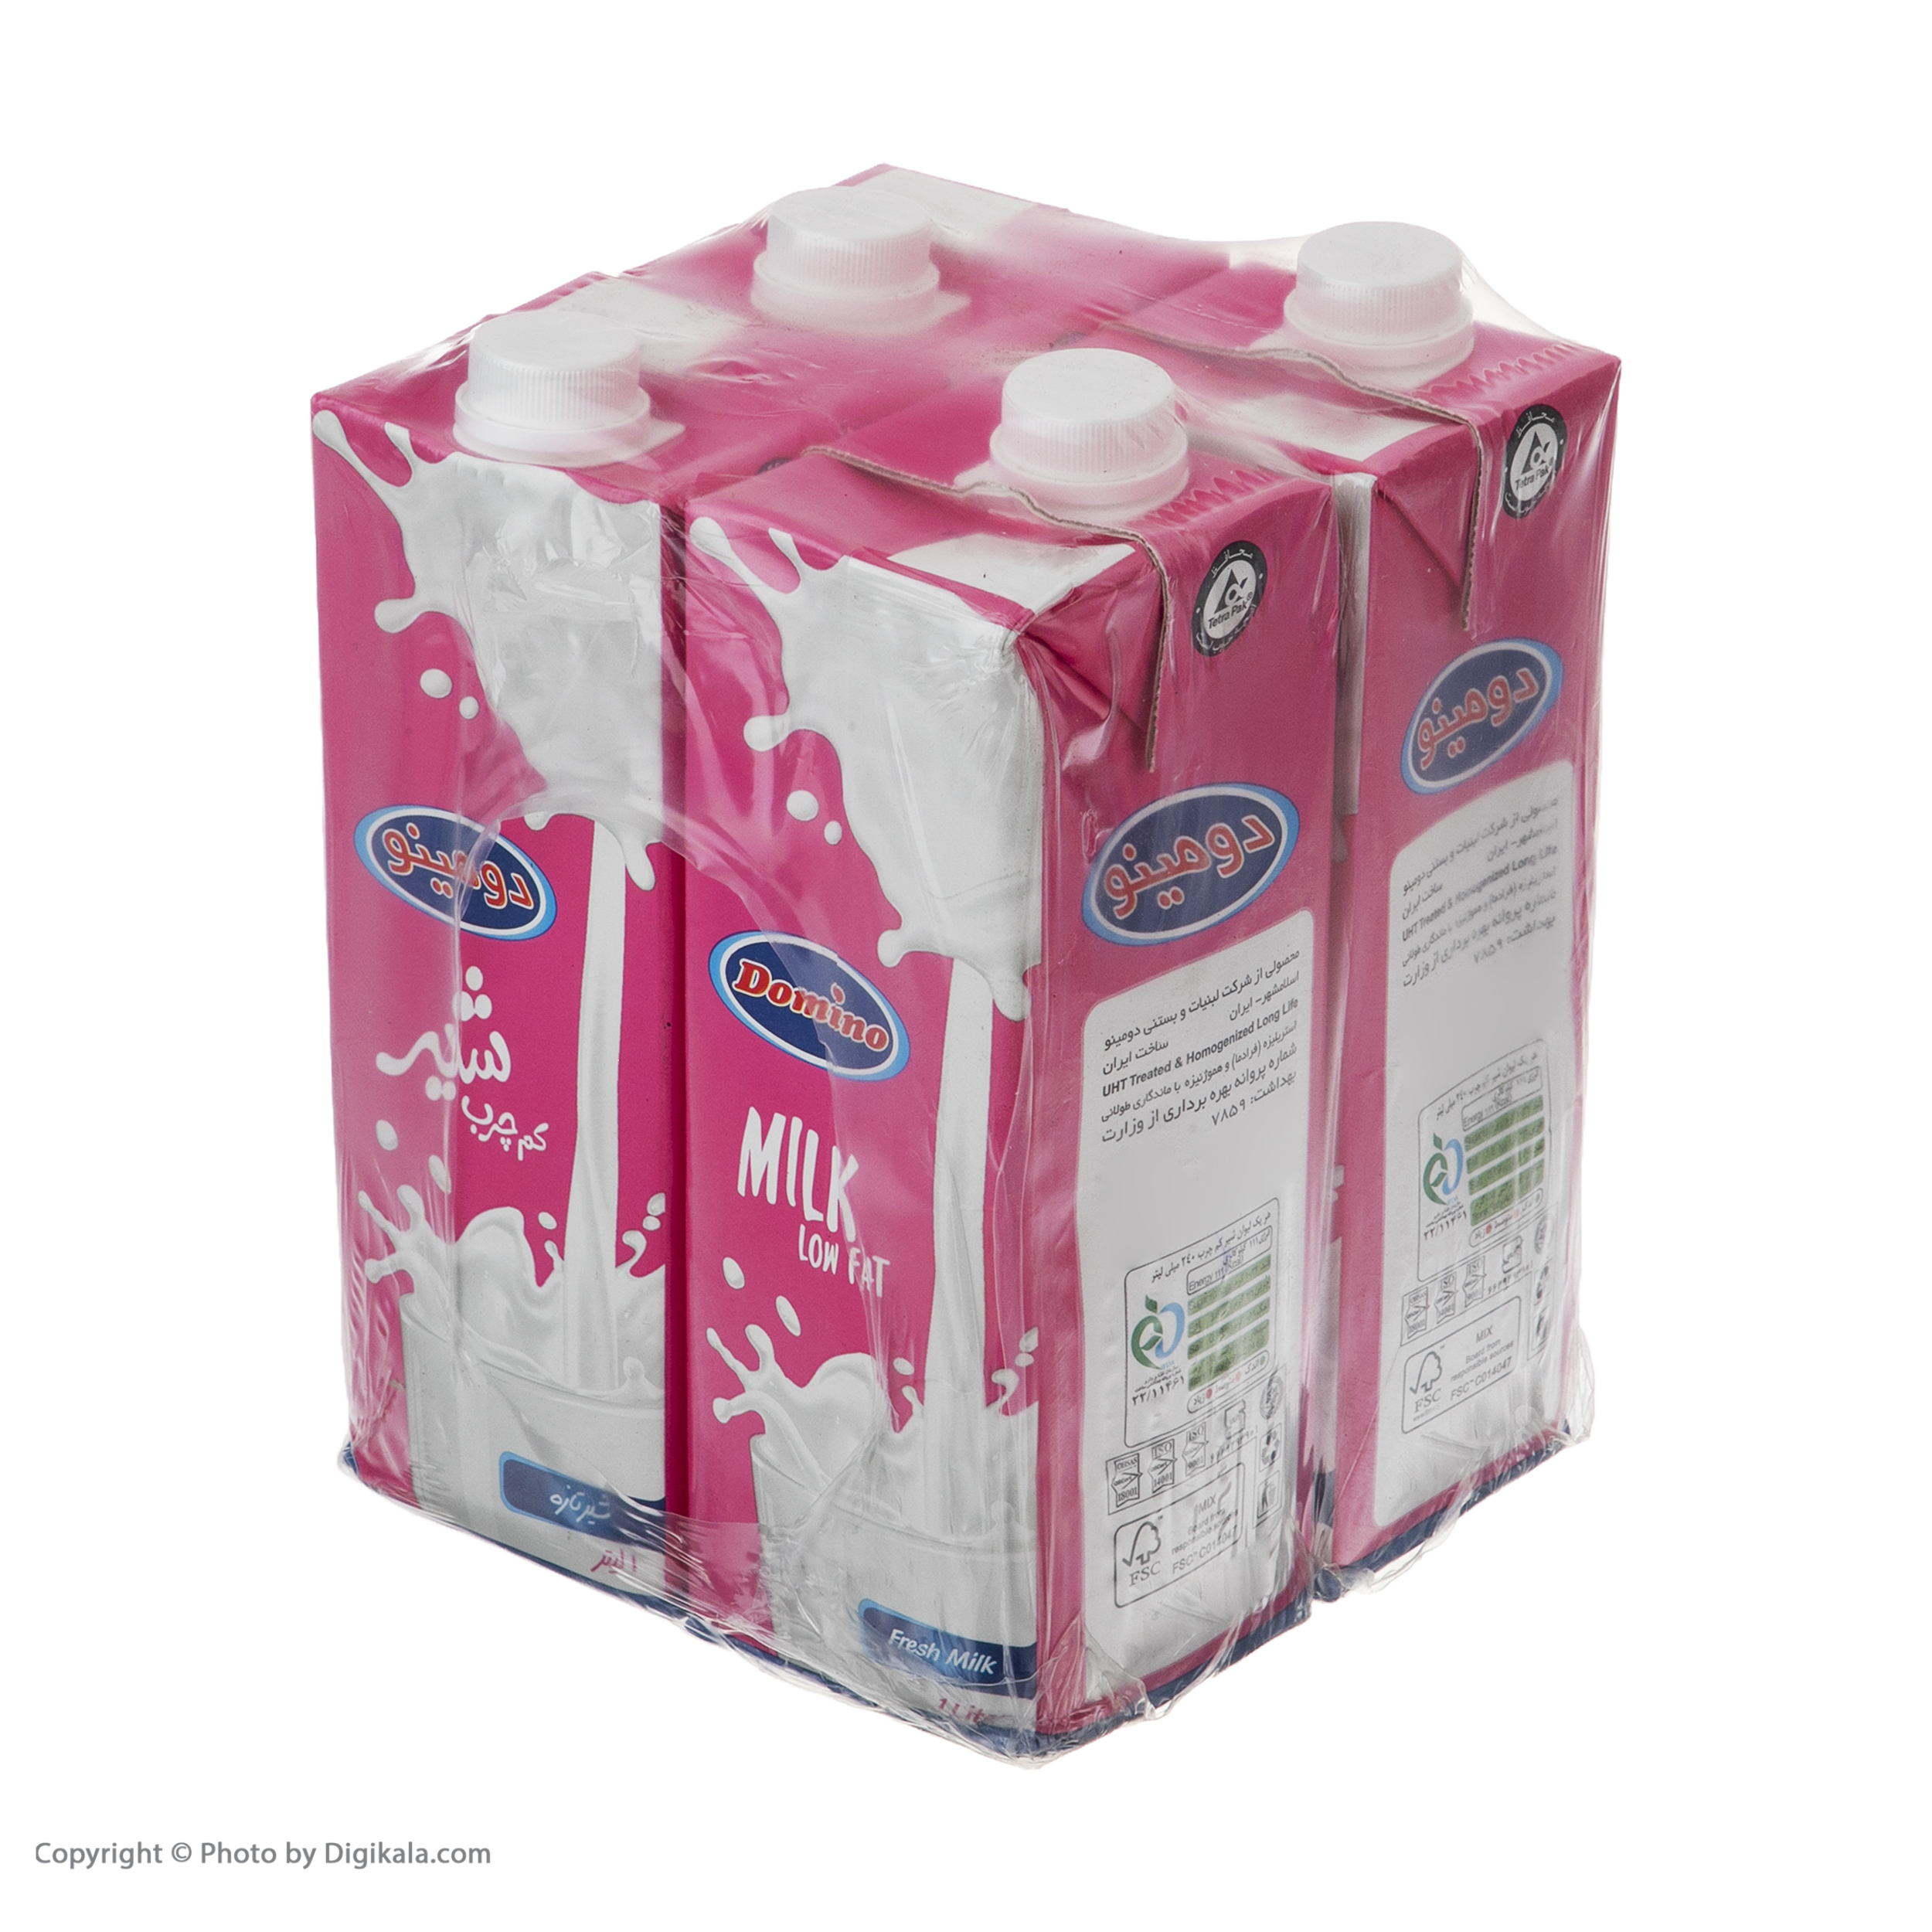 شیر کم چرب دومینو - 1 لیتر بسته 4 عددی